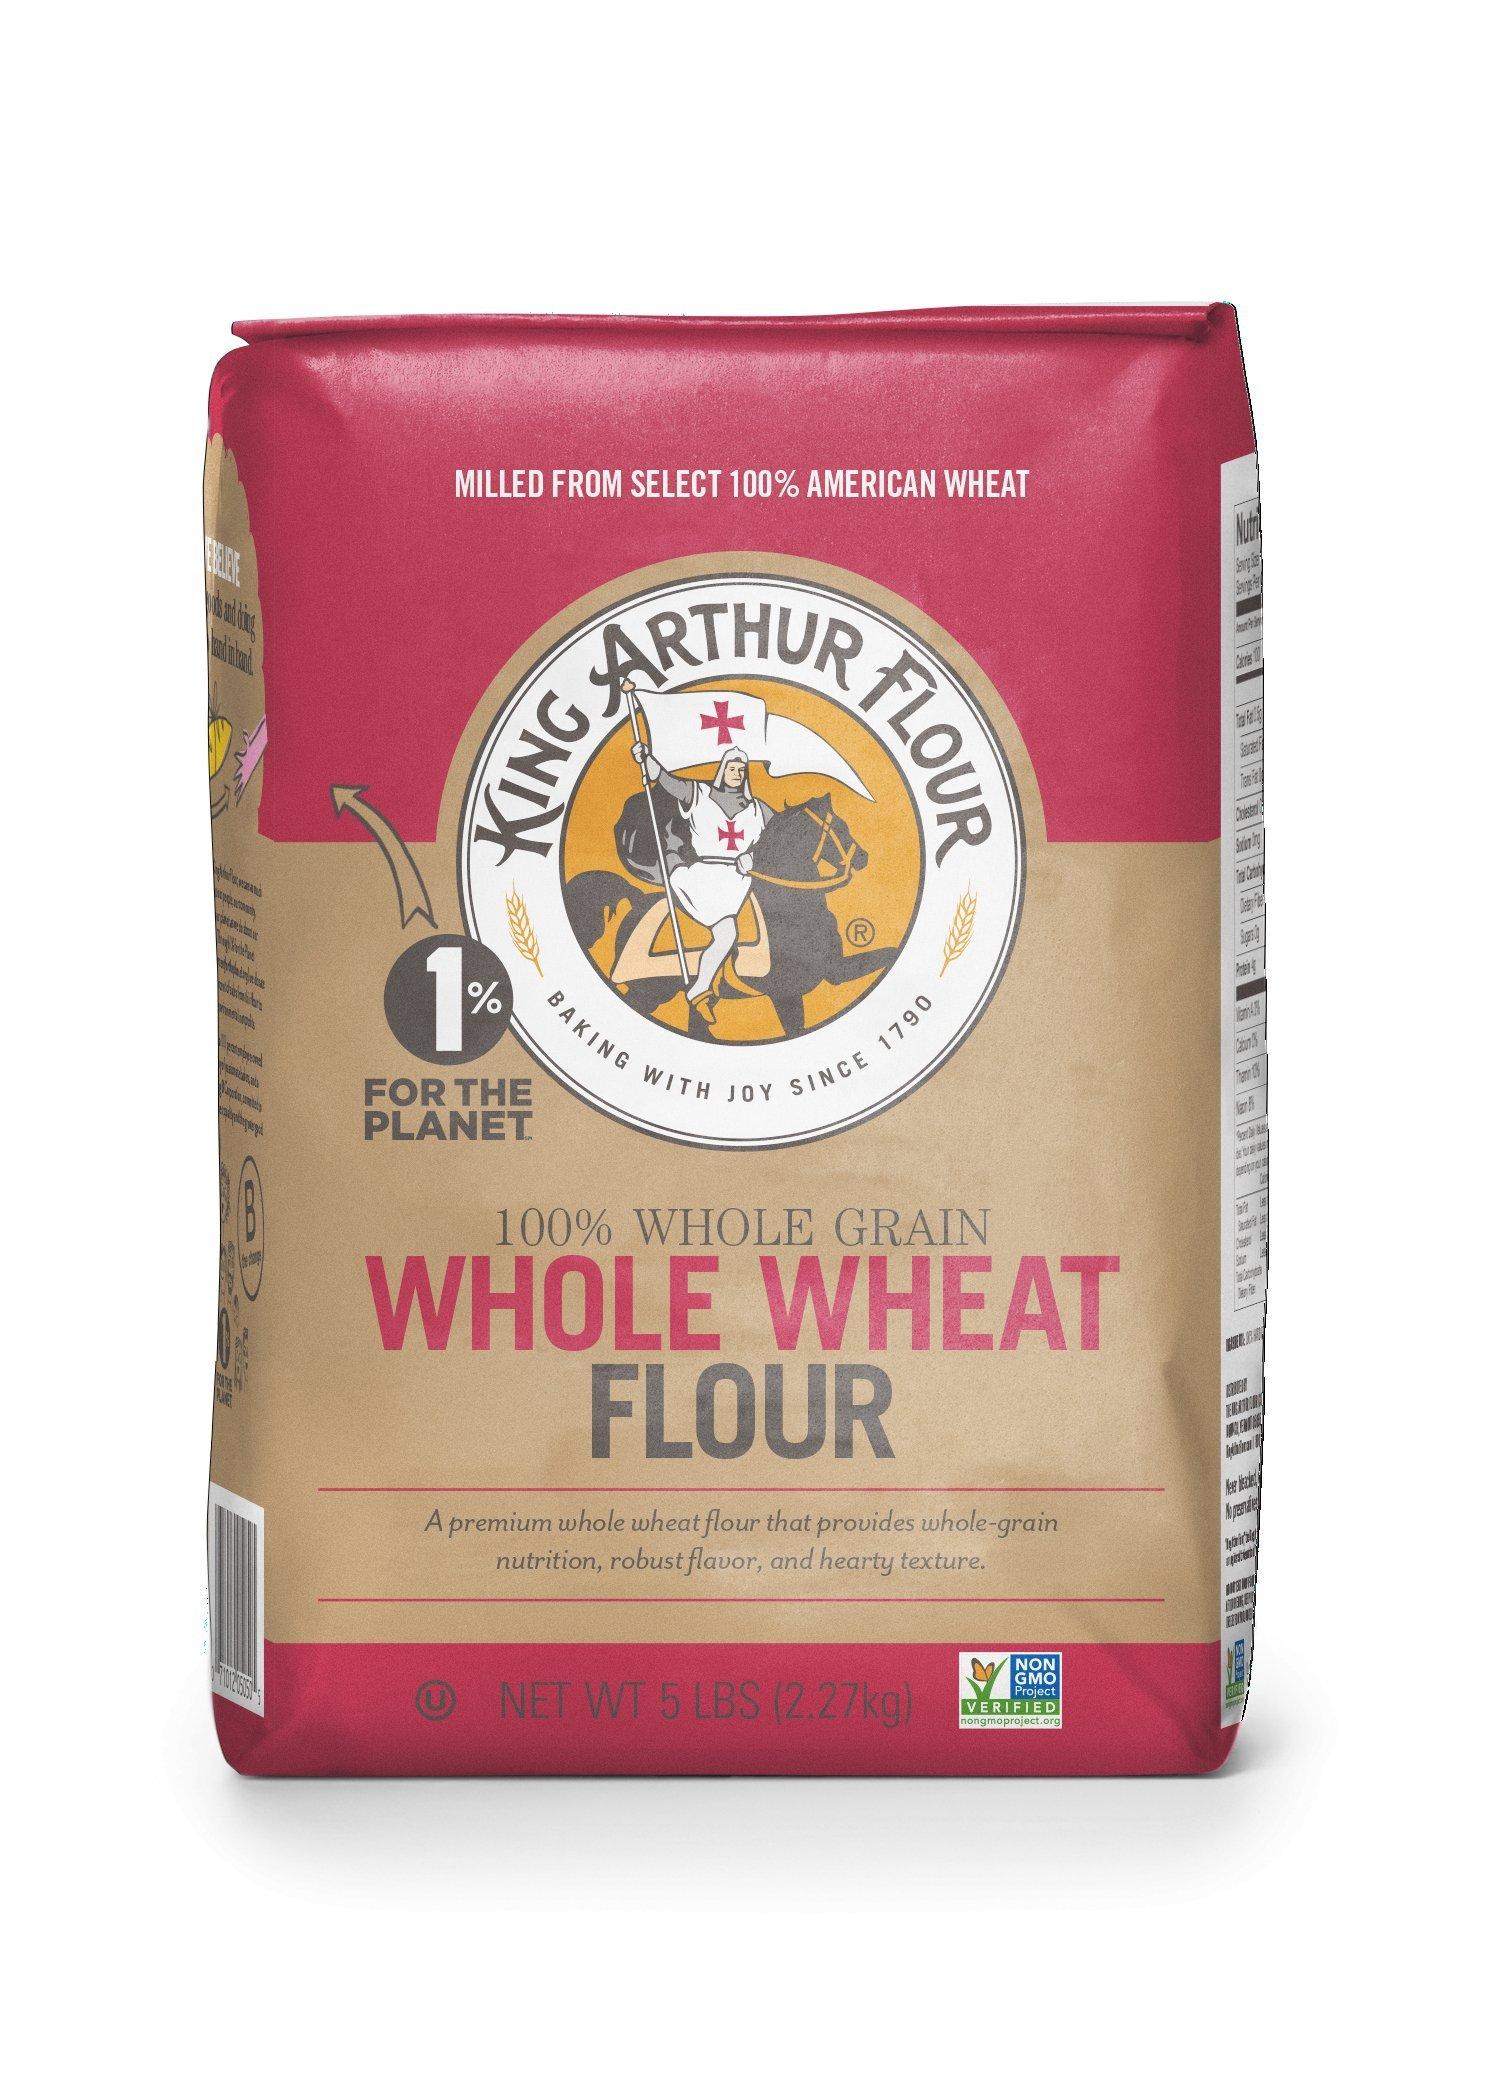 King Arthur Flour Premium 100% Whole Wheat Flour, 5 Pound